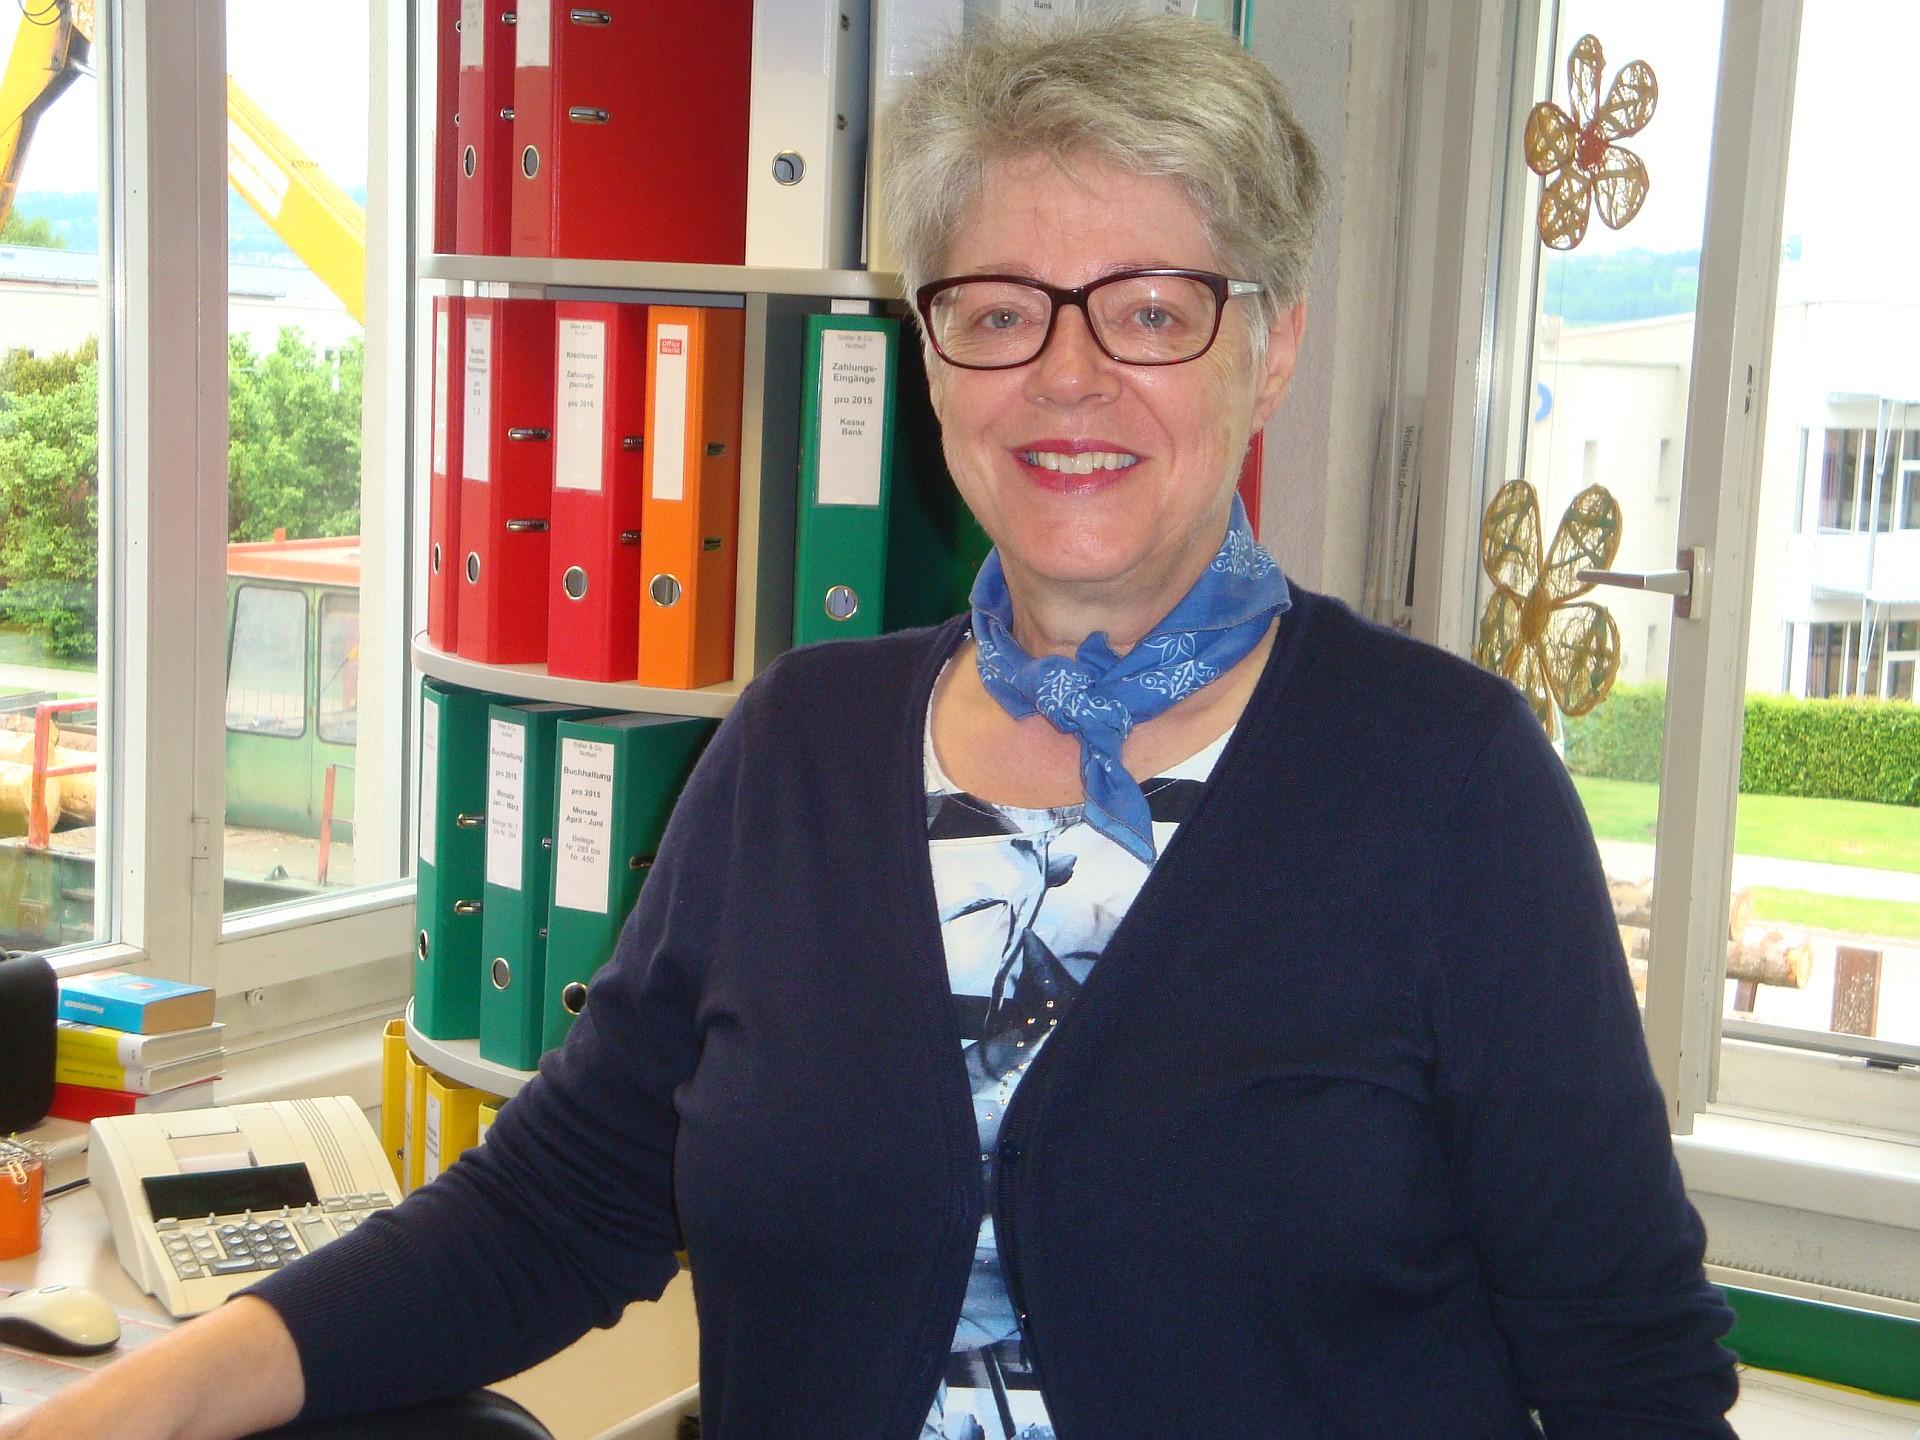 Luethold-Sidler Angela